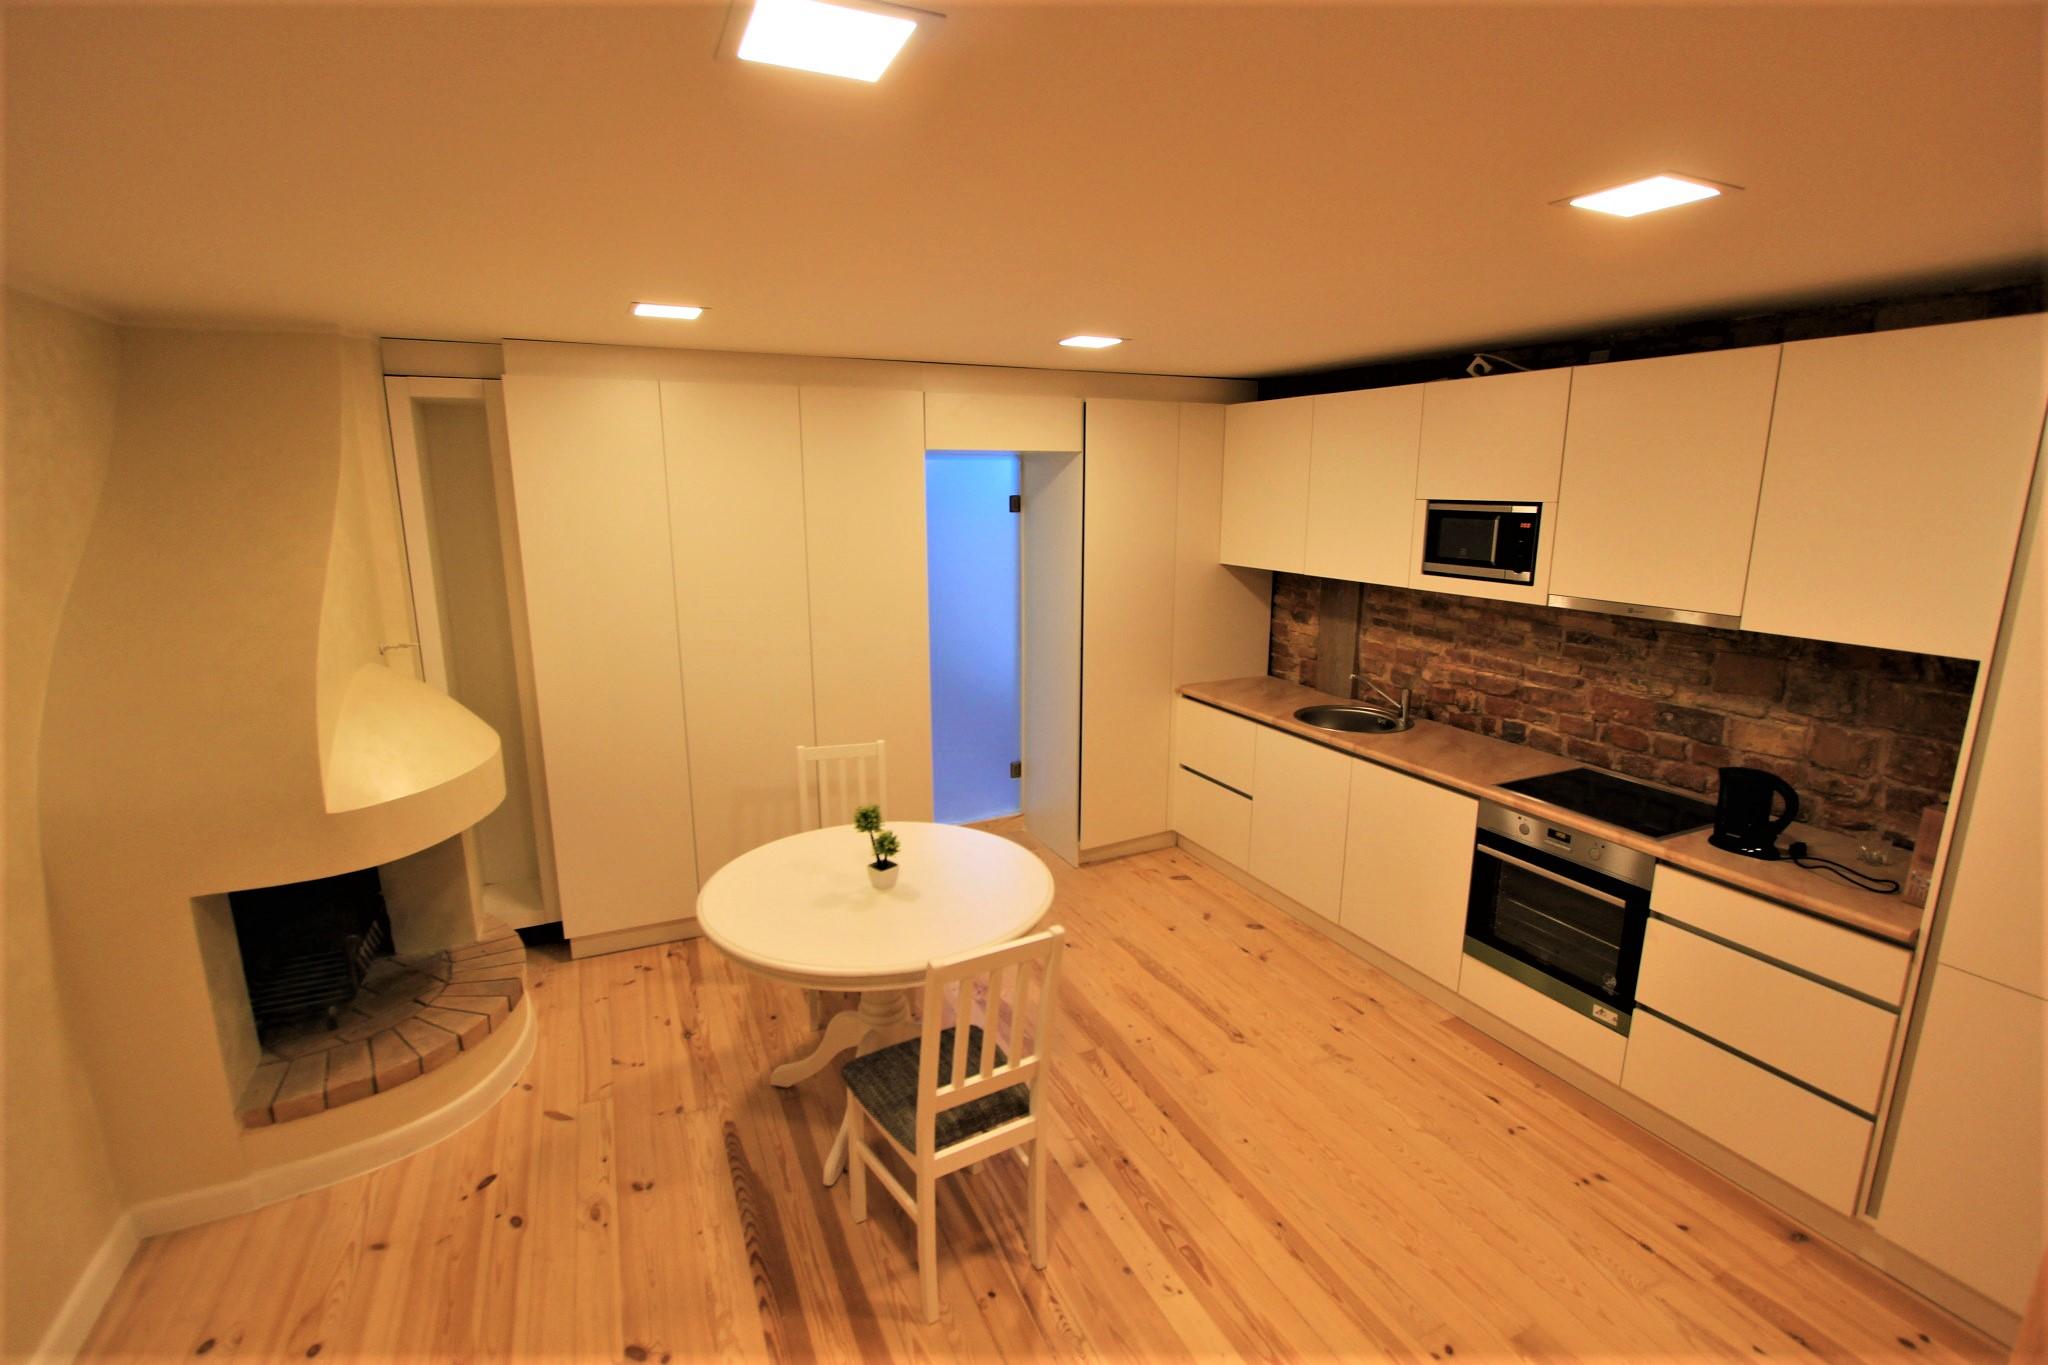 Iebūvētās virtuves montāža